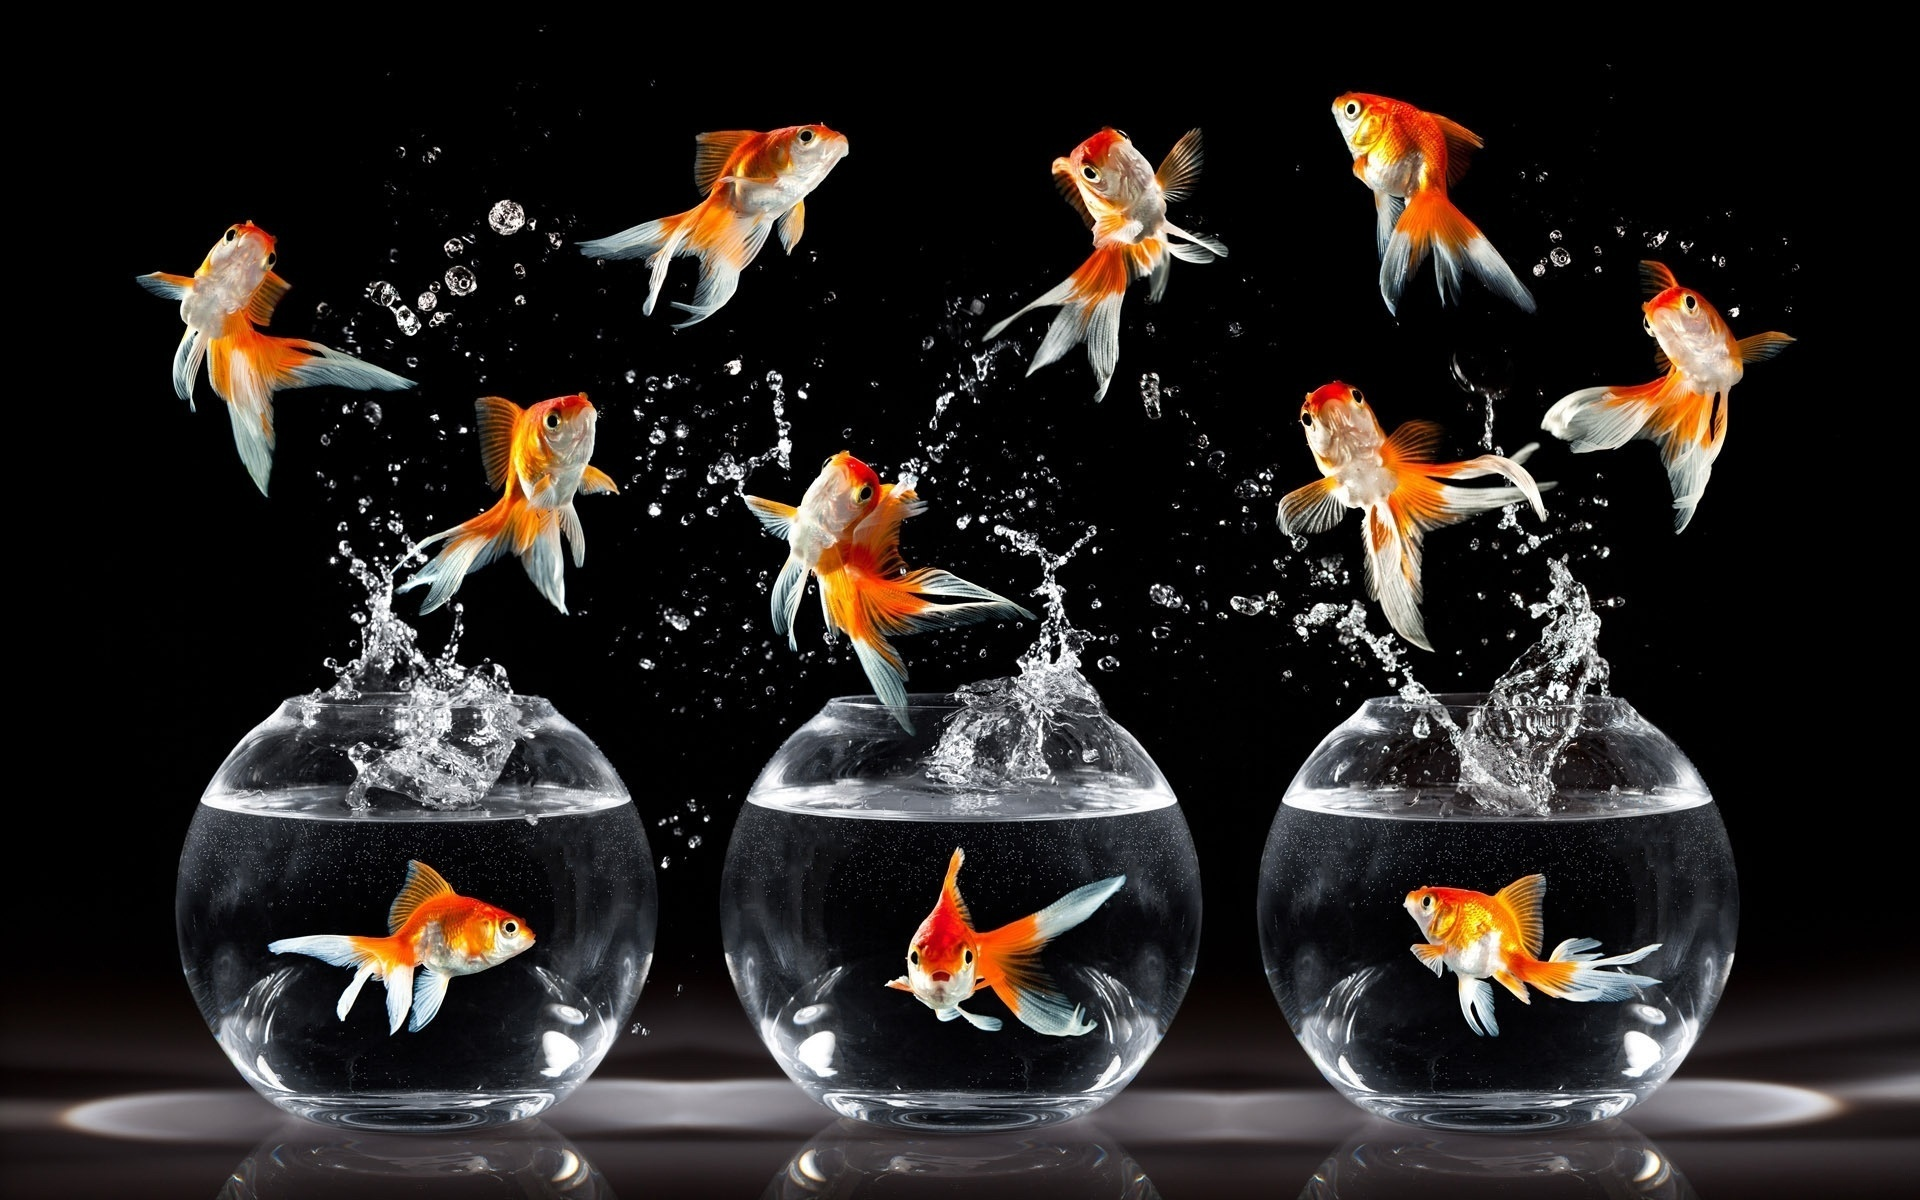 картинки для аквариума по фен шую прямоугольное изображение макете